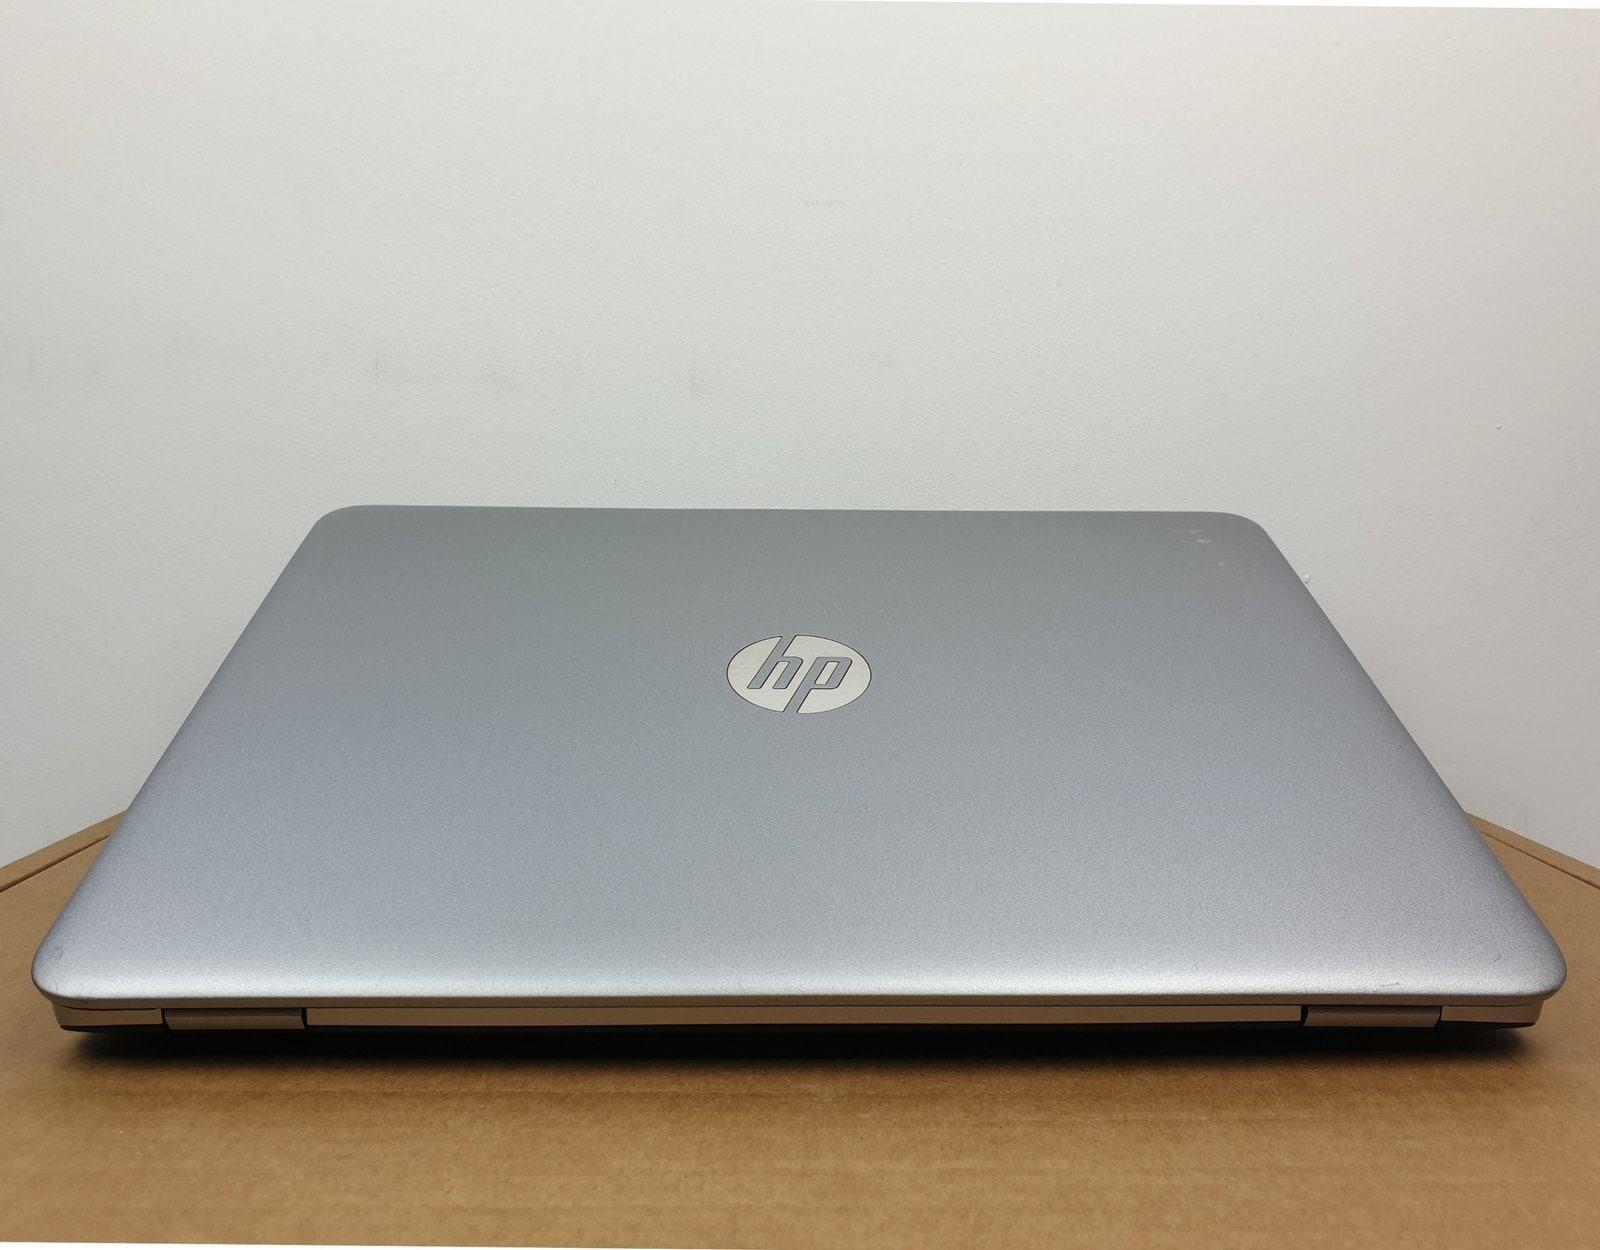 Laptop HP EliteBook 840 G3 i7 - 6 generacji / 8 GB / 480 GB SSD / 14 FullHD DOTYK / Klasa A- - 6